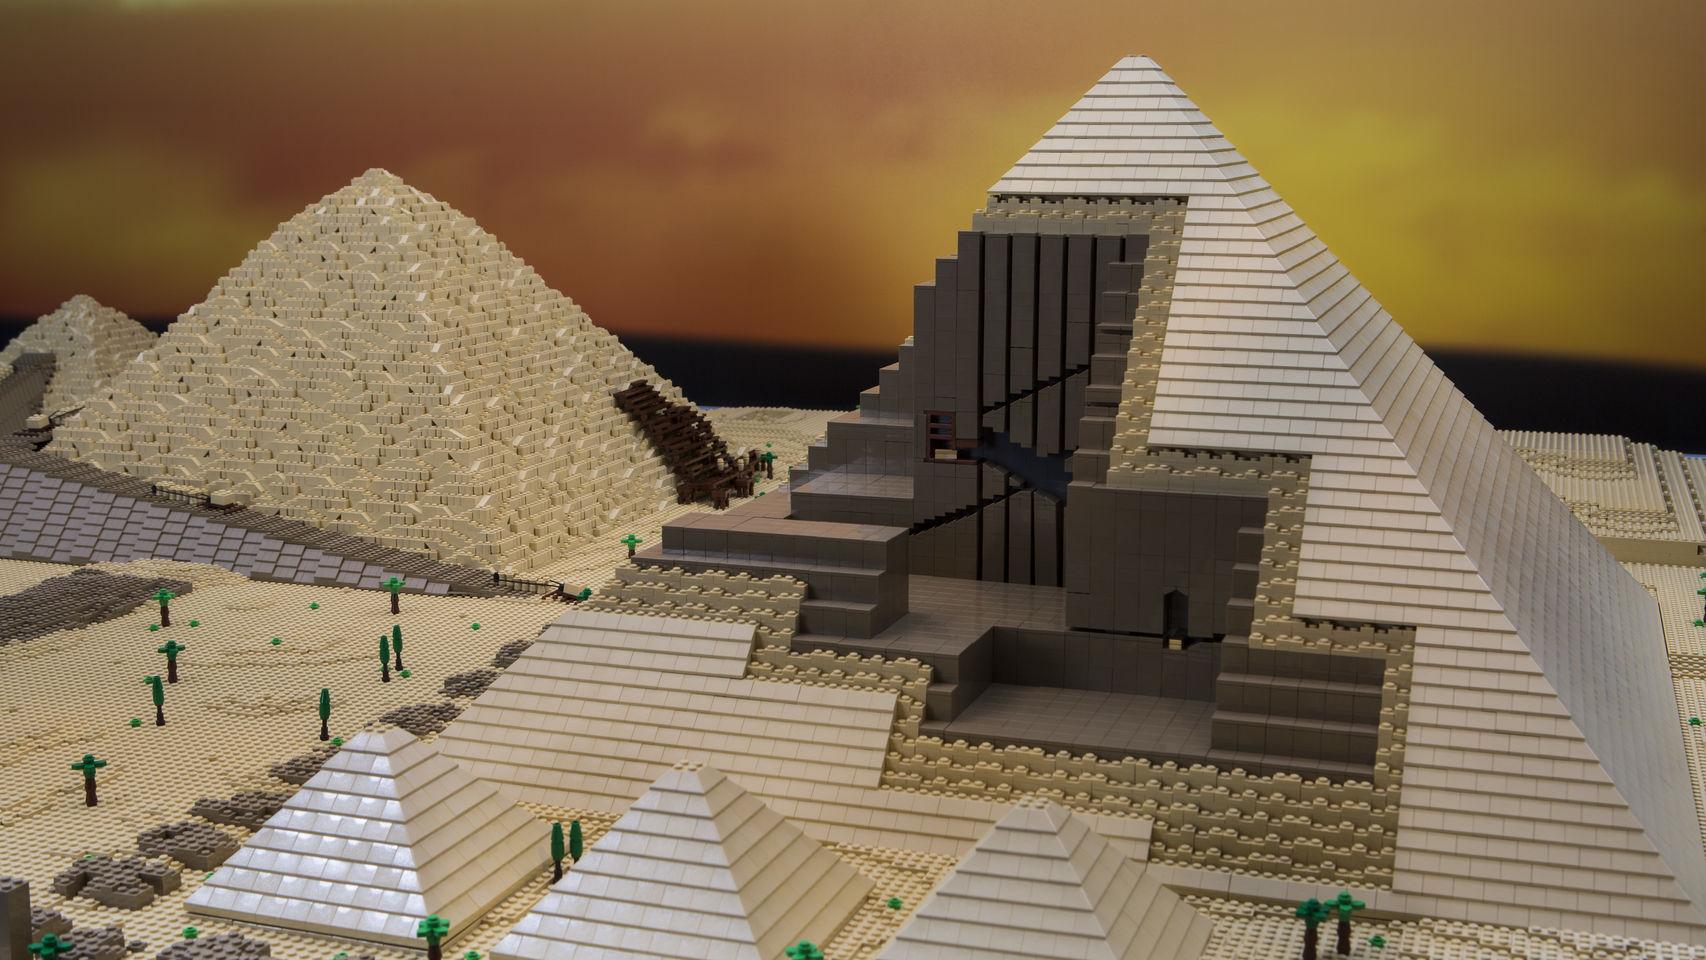 Piramides-Egipto-esplendor_114748941_3280891_1706x960